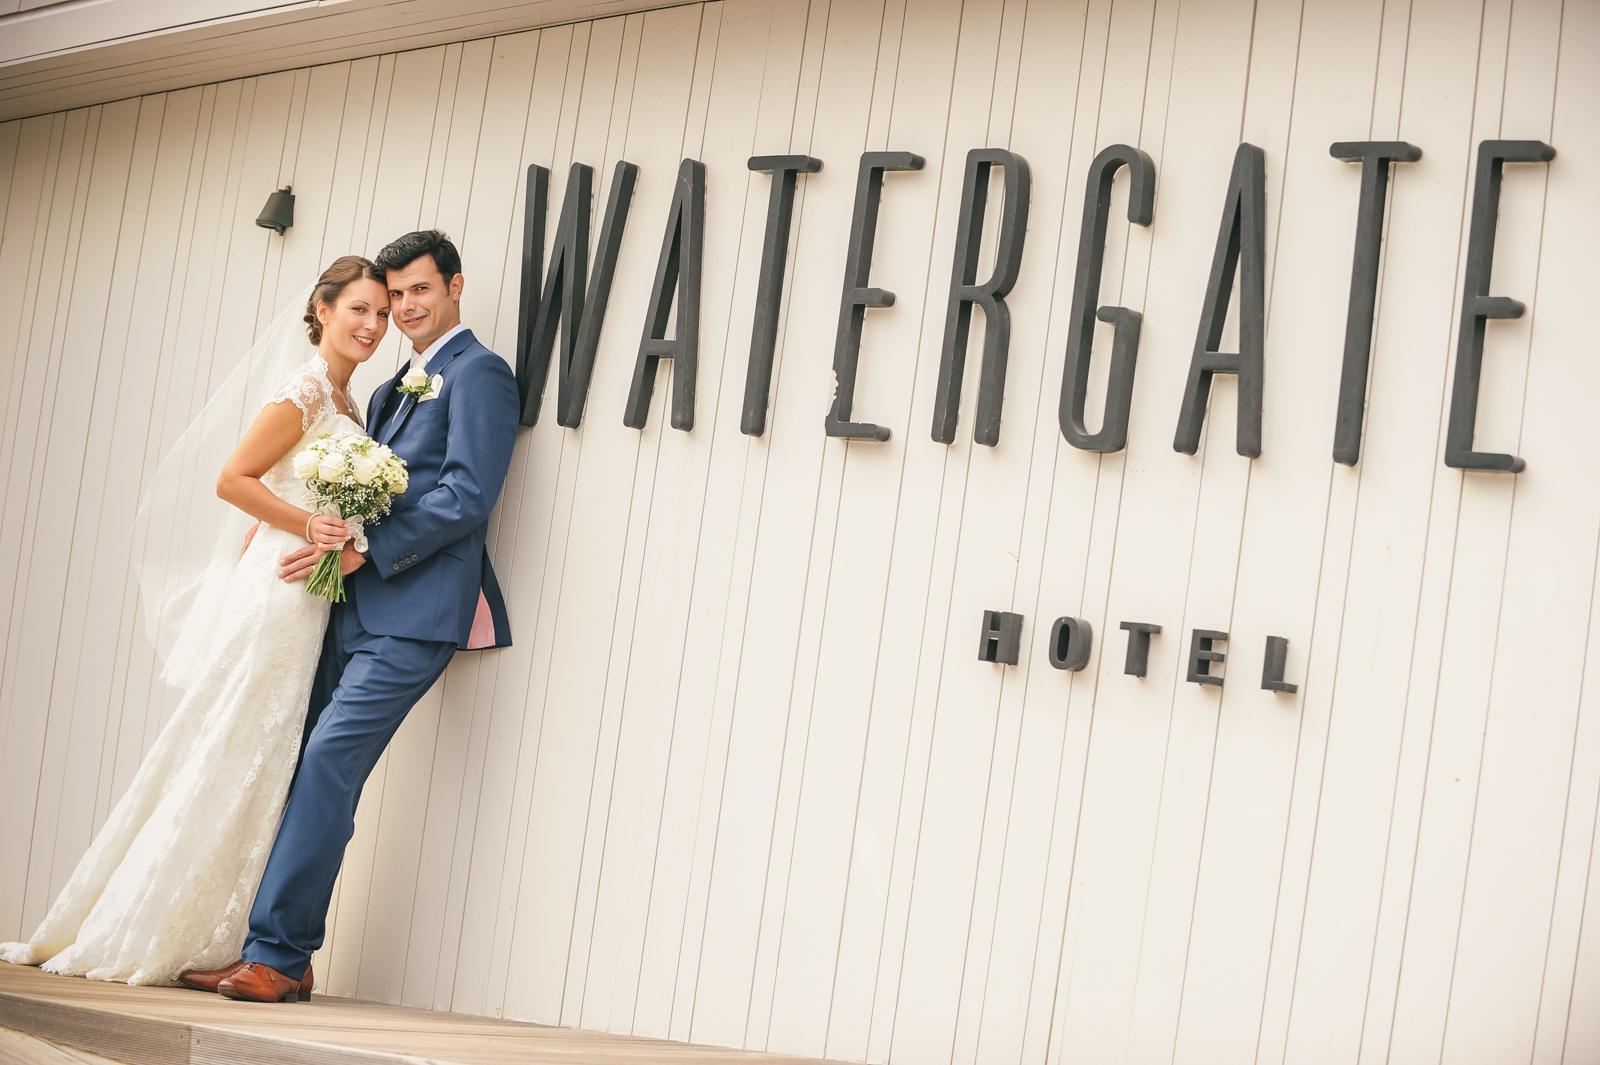 watergate-bay-hotel-weddings-122.jpg